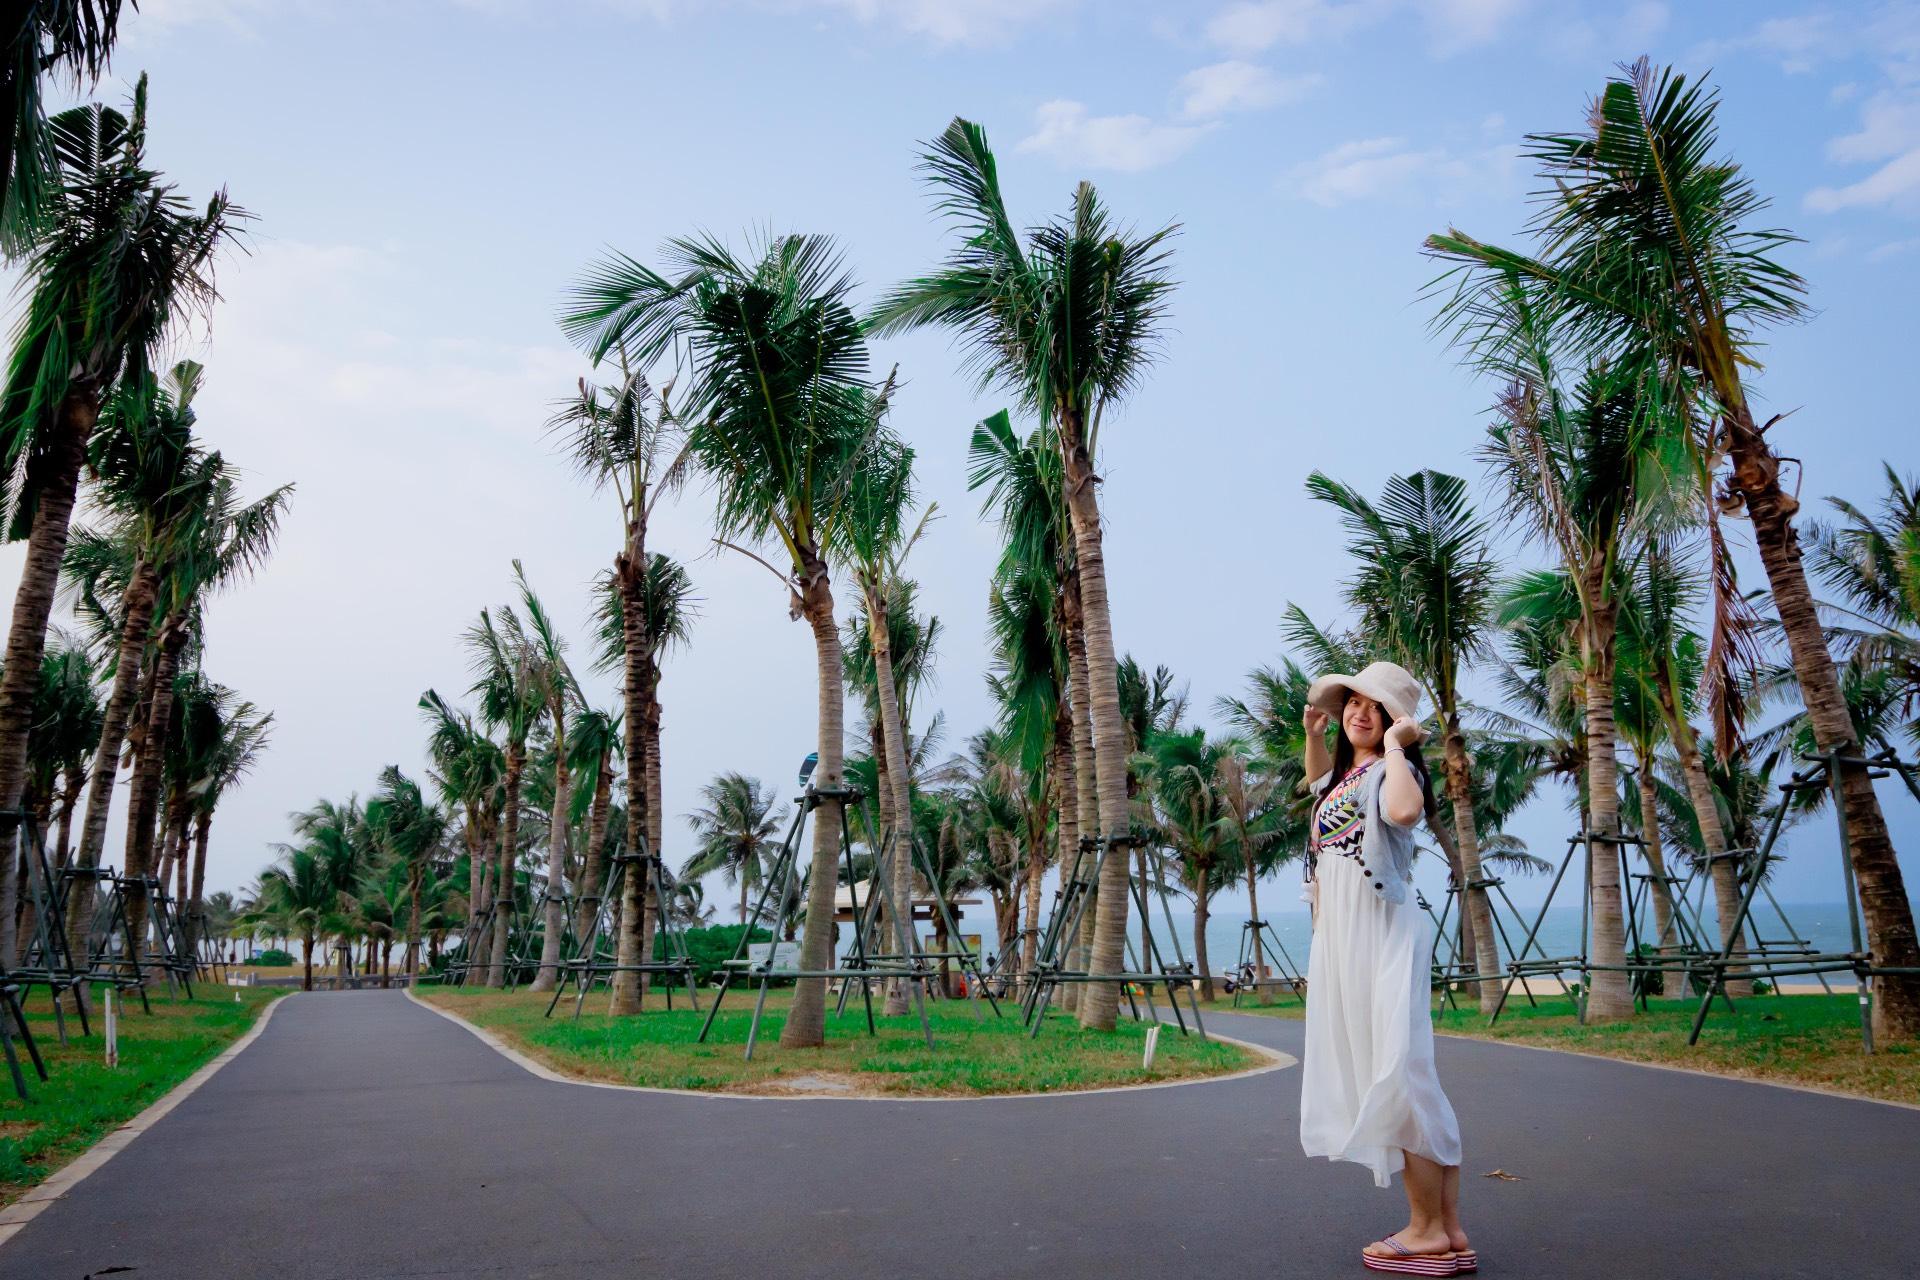 【旅行中的摄影师】海口三日游攻略:老铁你好,祝你生日快乐!